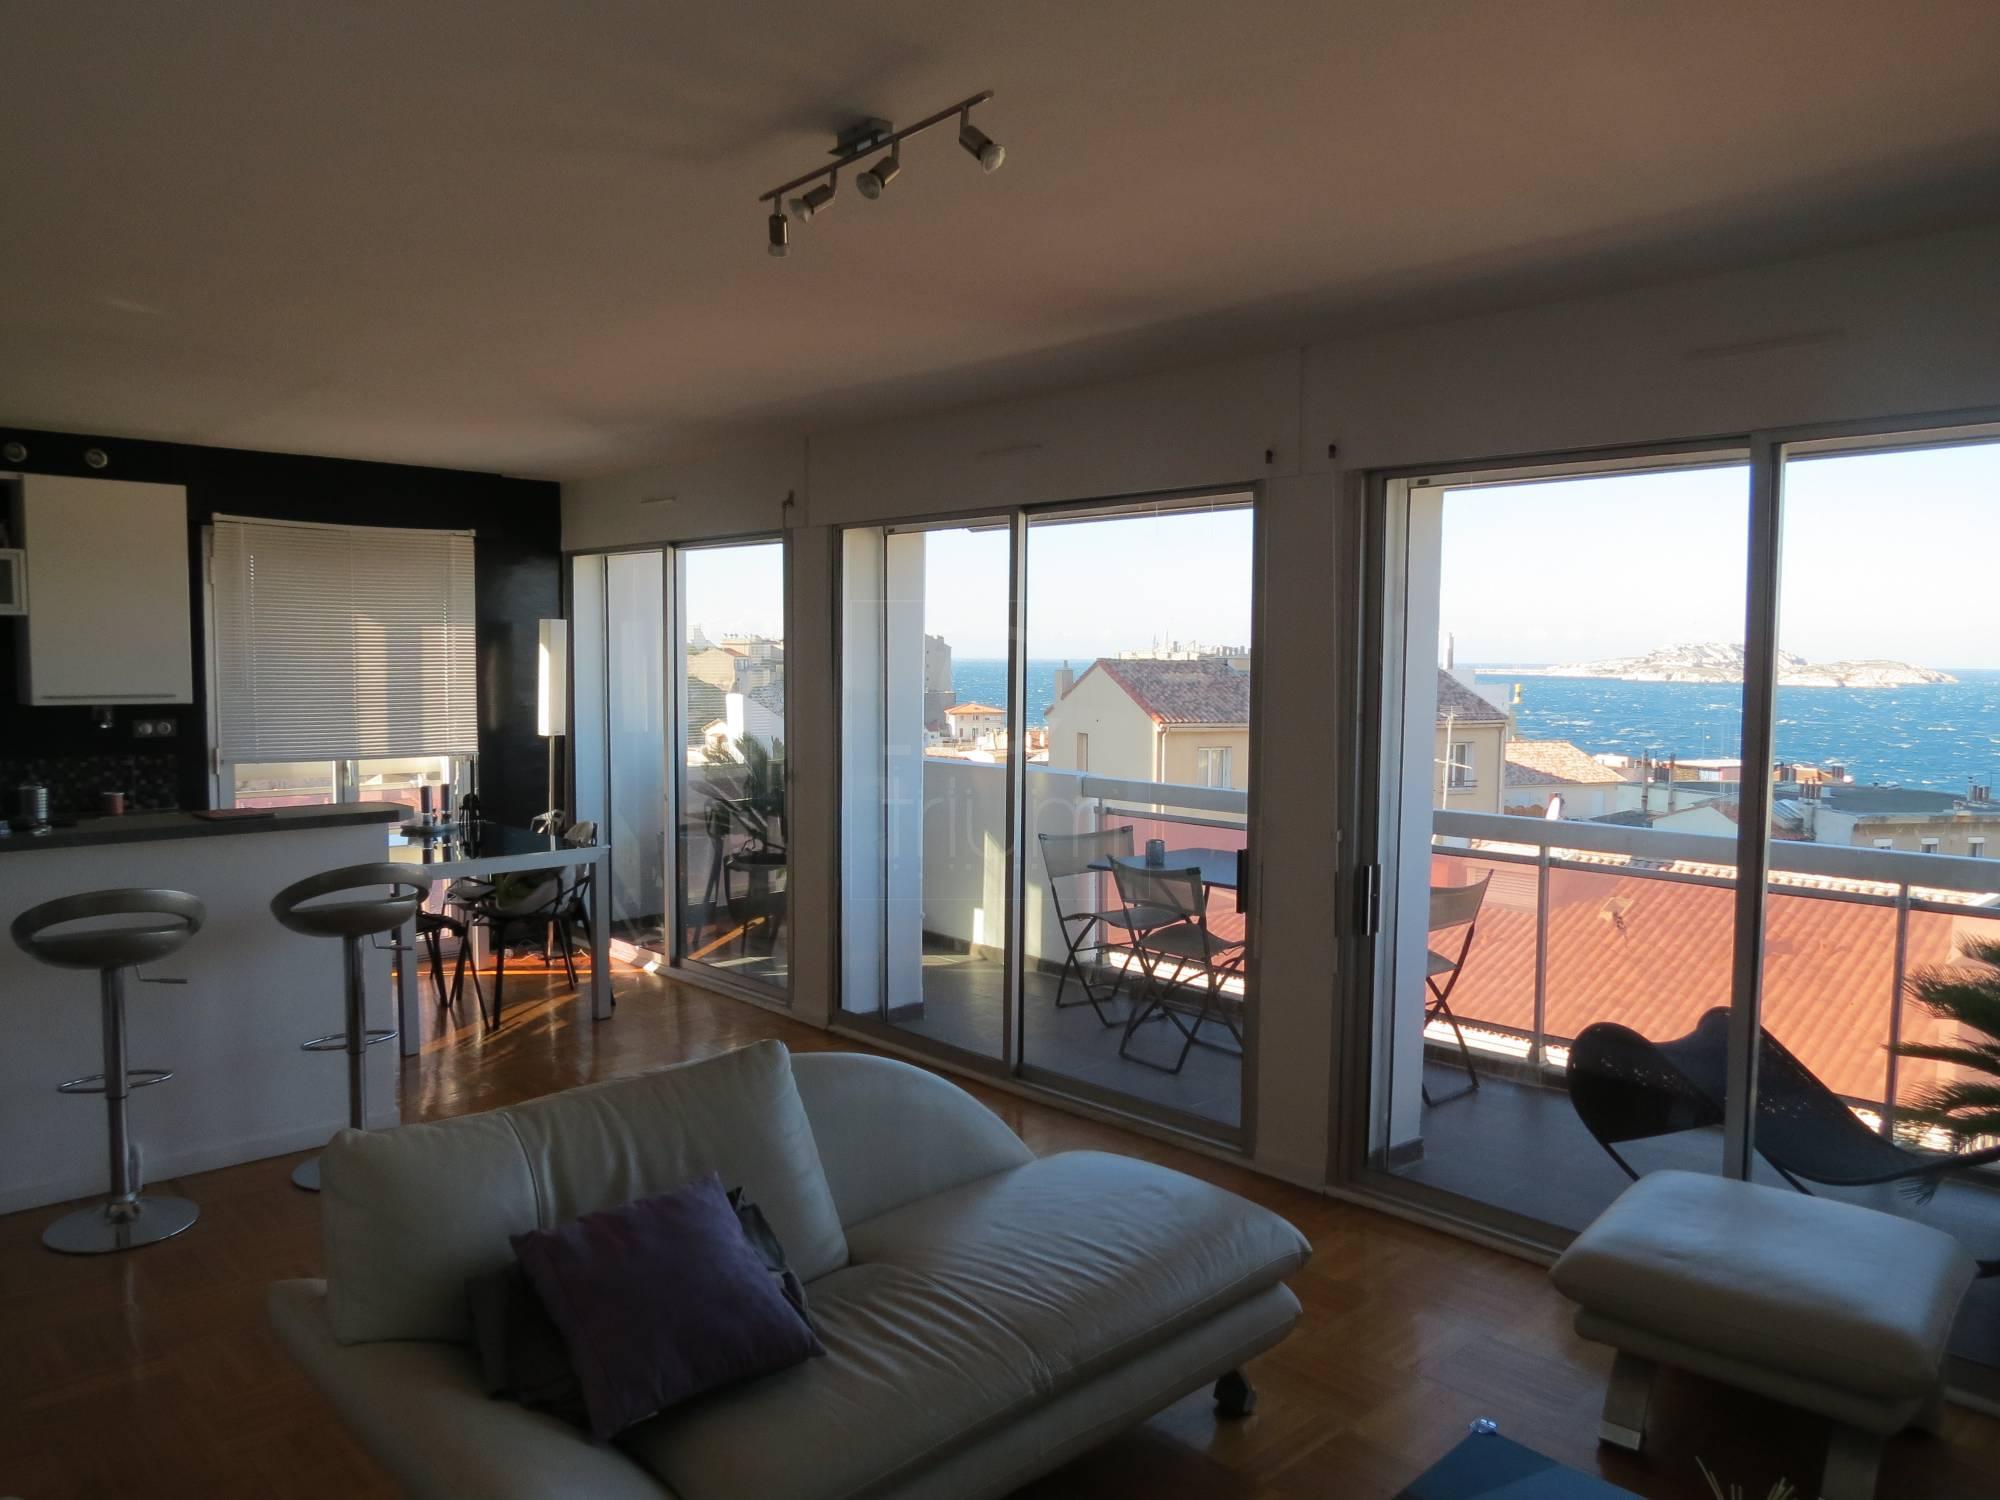 Location appartement Aix en Provence : se renseigner au préalable